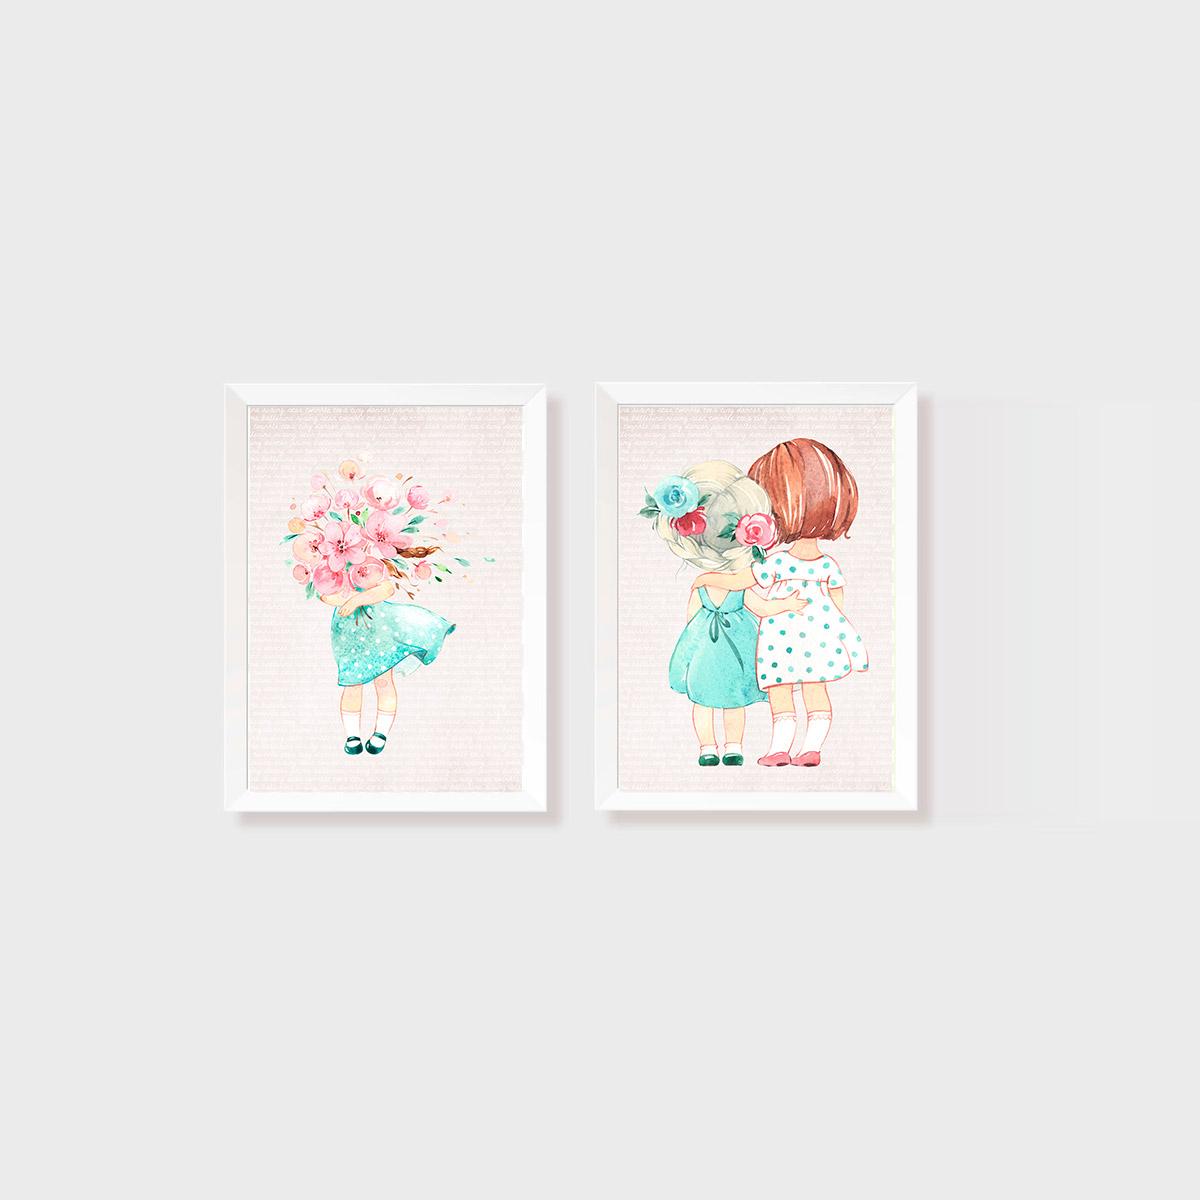 Kit 2 Quadros Aquarela Meninas e Flores